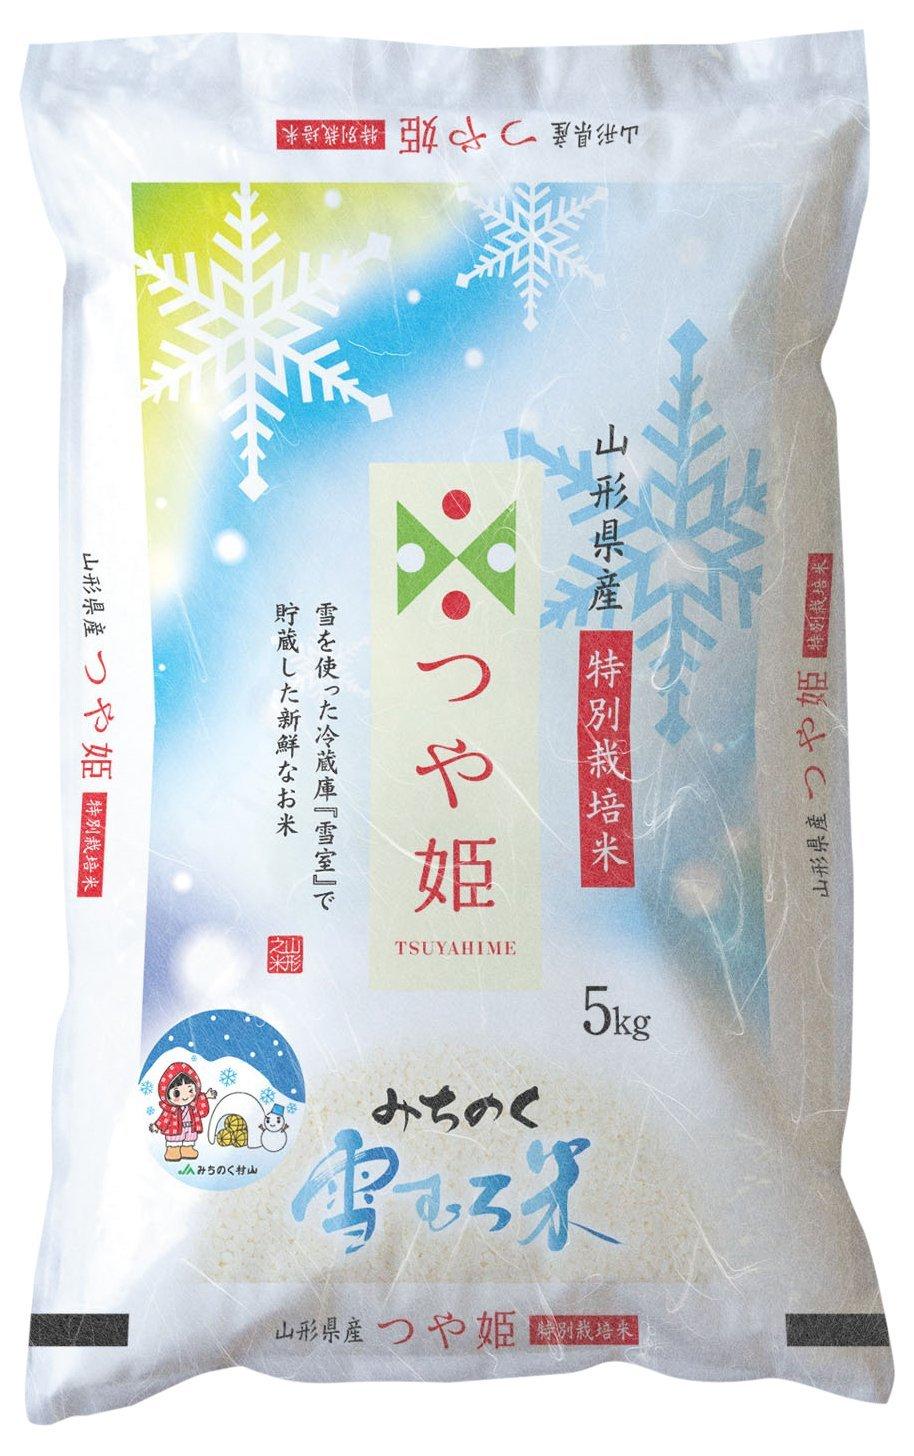 アマゾンで山形県 JAみちのく村山産 白米 つや姫 みちのく雪むろ米 5kg 平成28年産が半額セール。